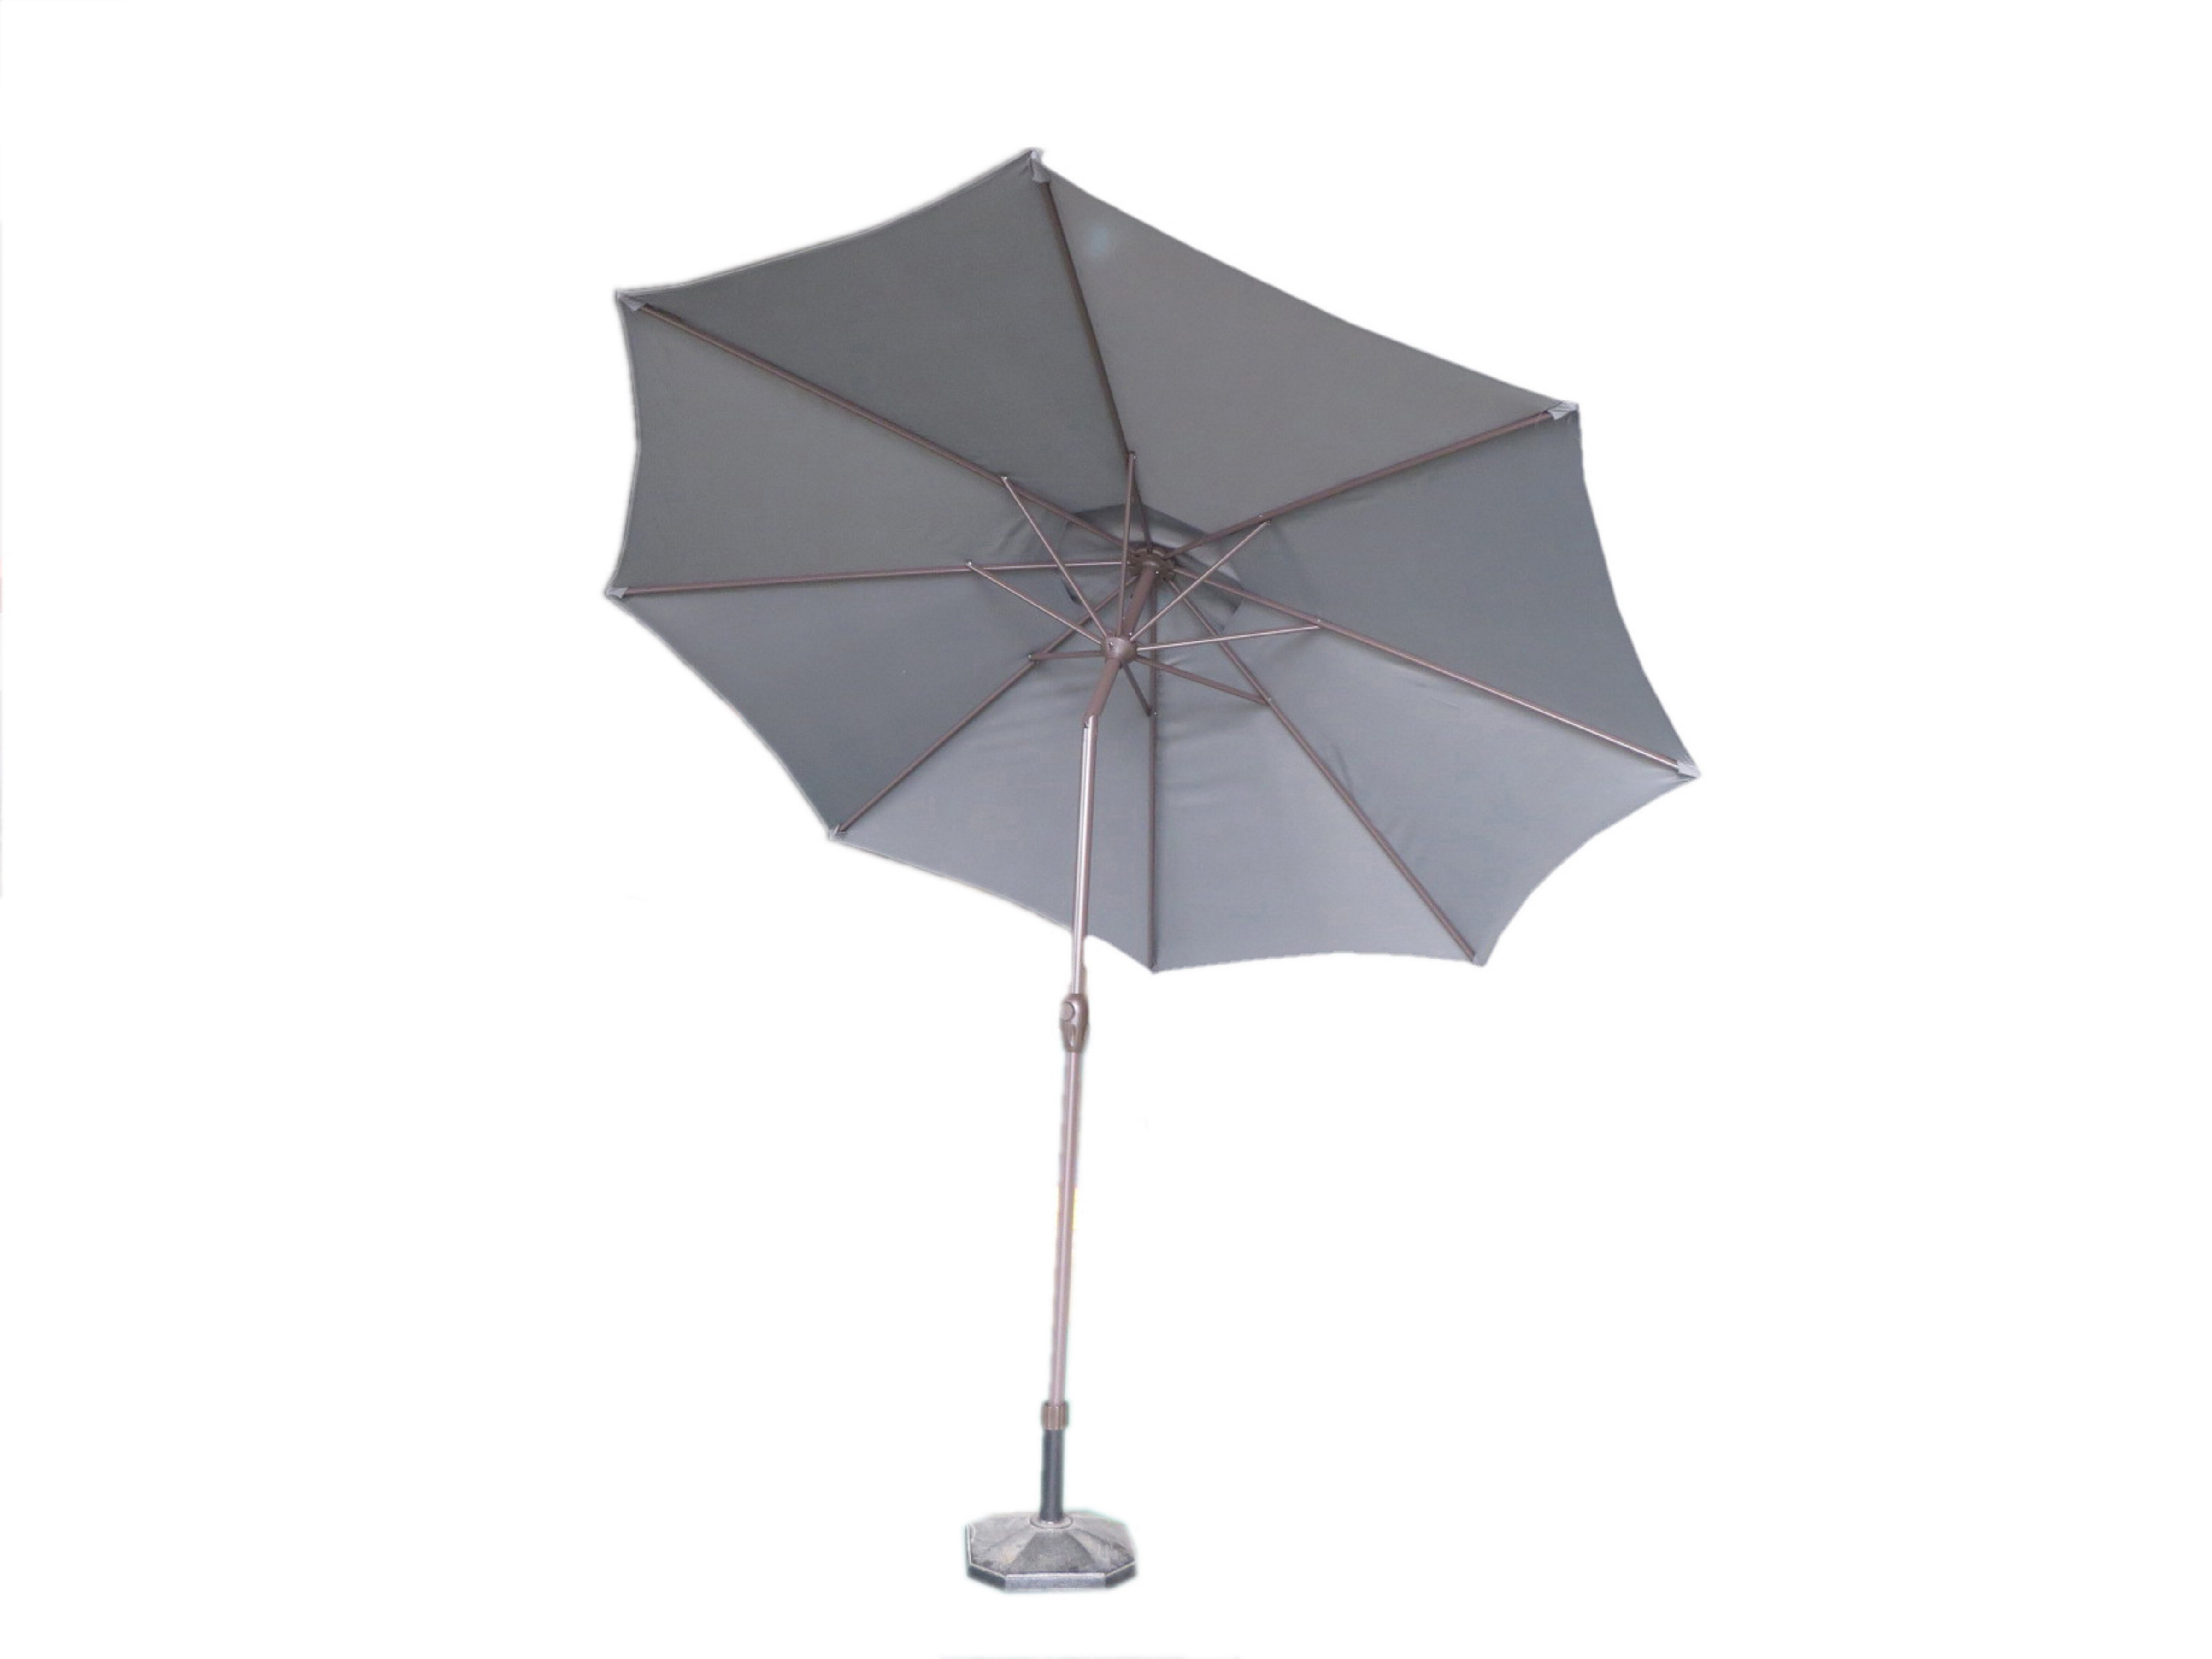 Brame Market Umbrellas For Preferred Lodd Market Umbrella (View 13 of 20)